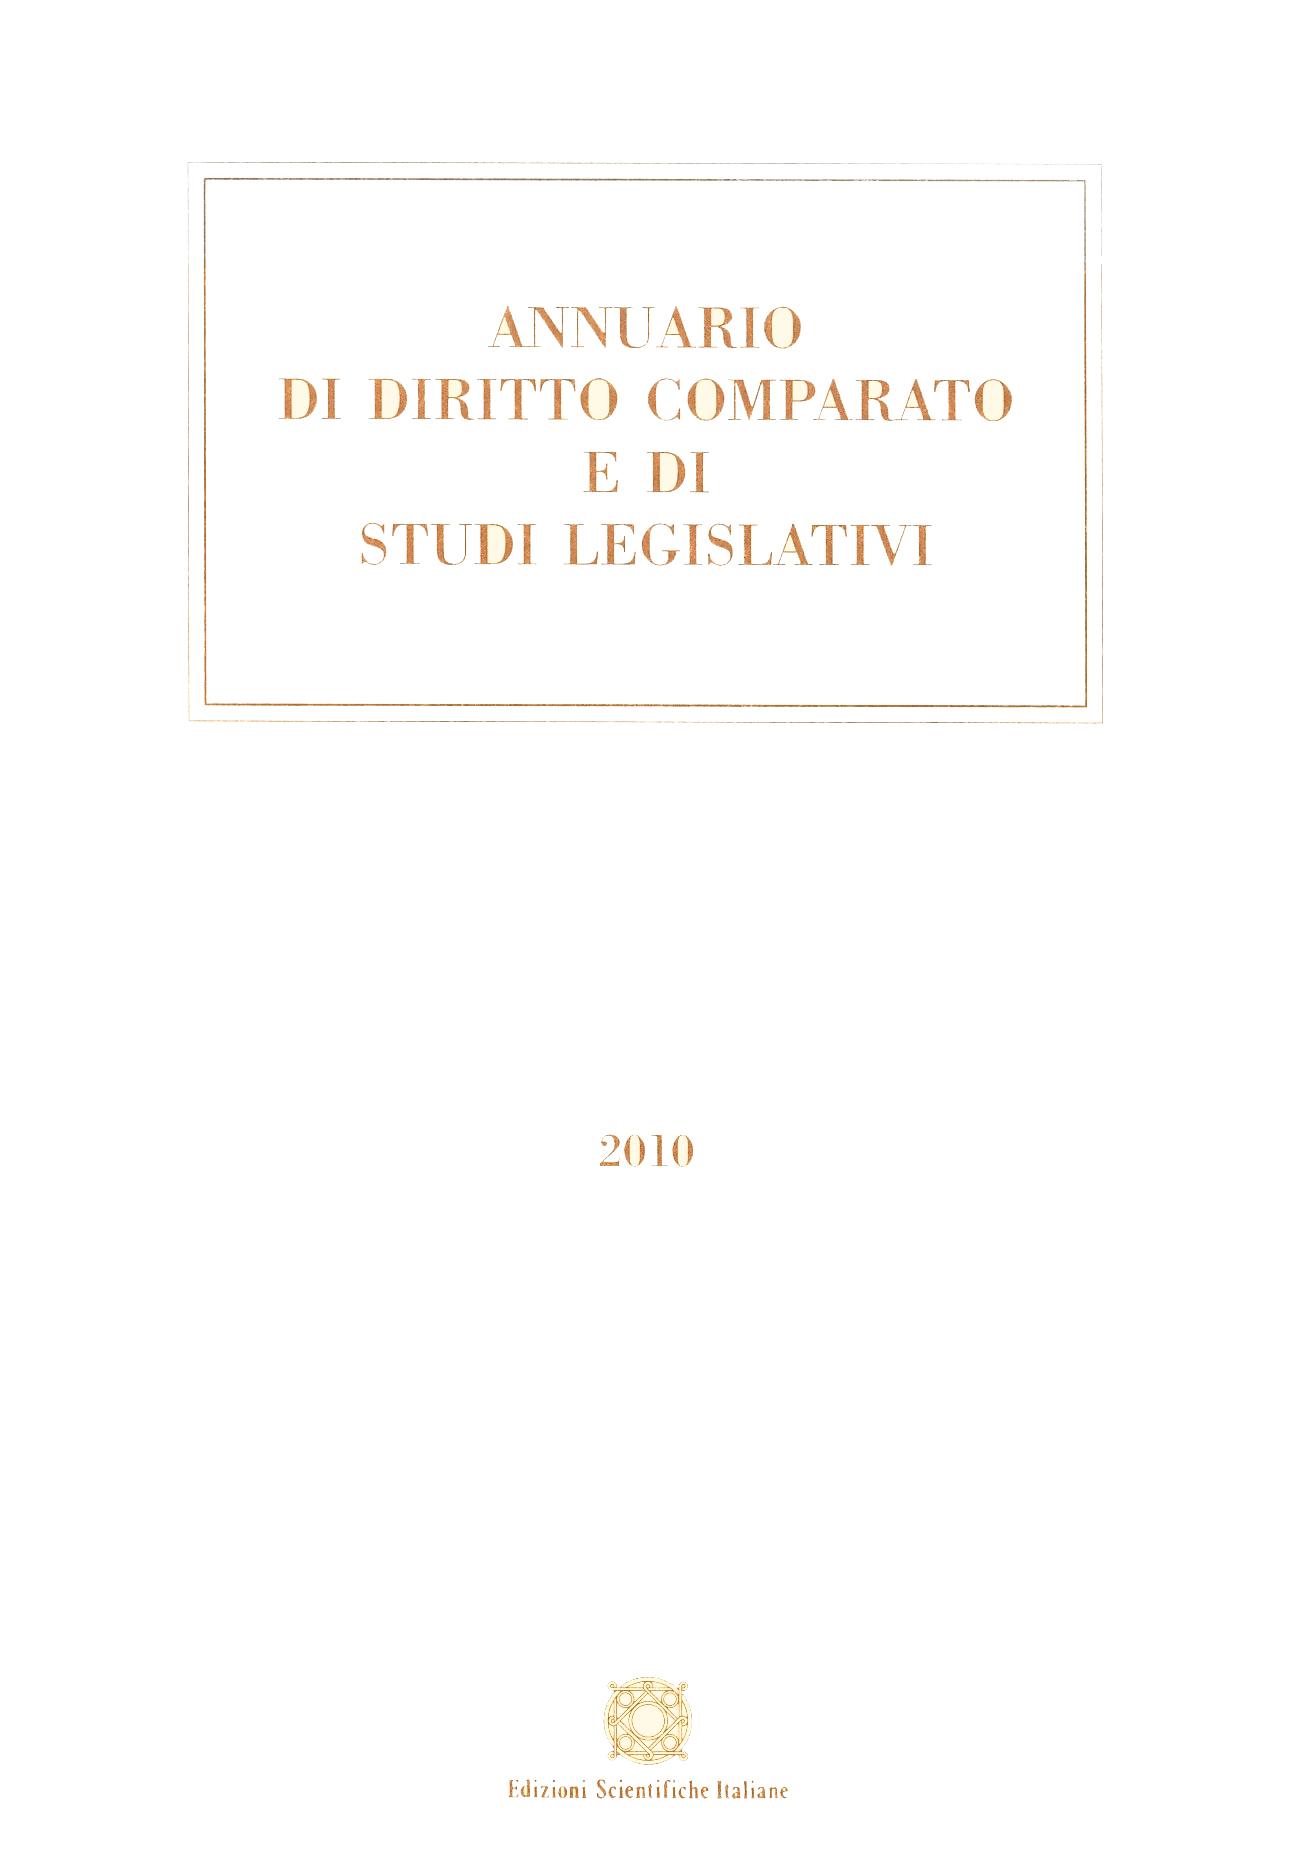 Annuario di Diritto Comparato e di Studi Legislativi 2010